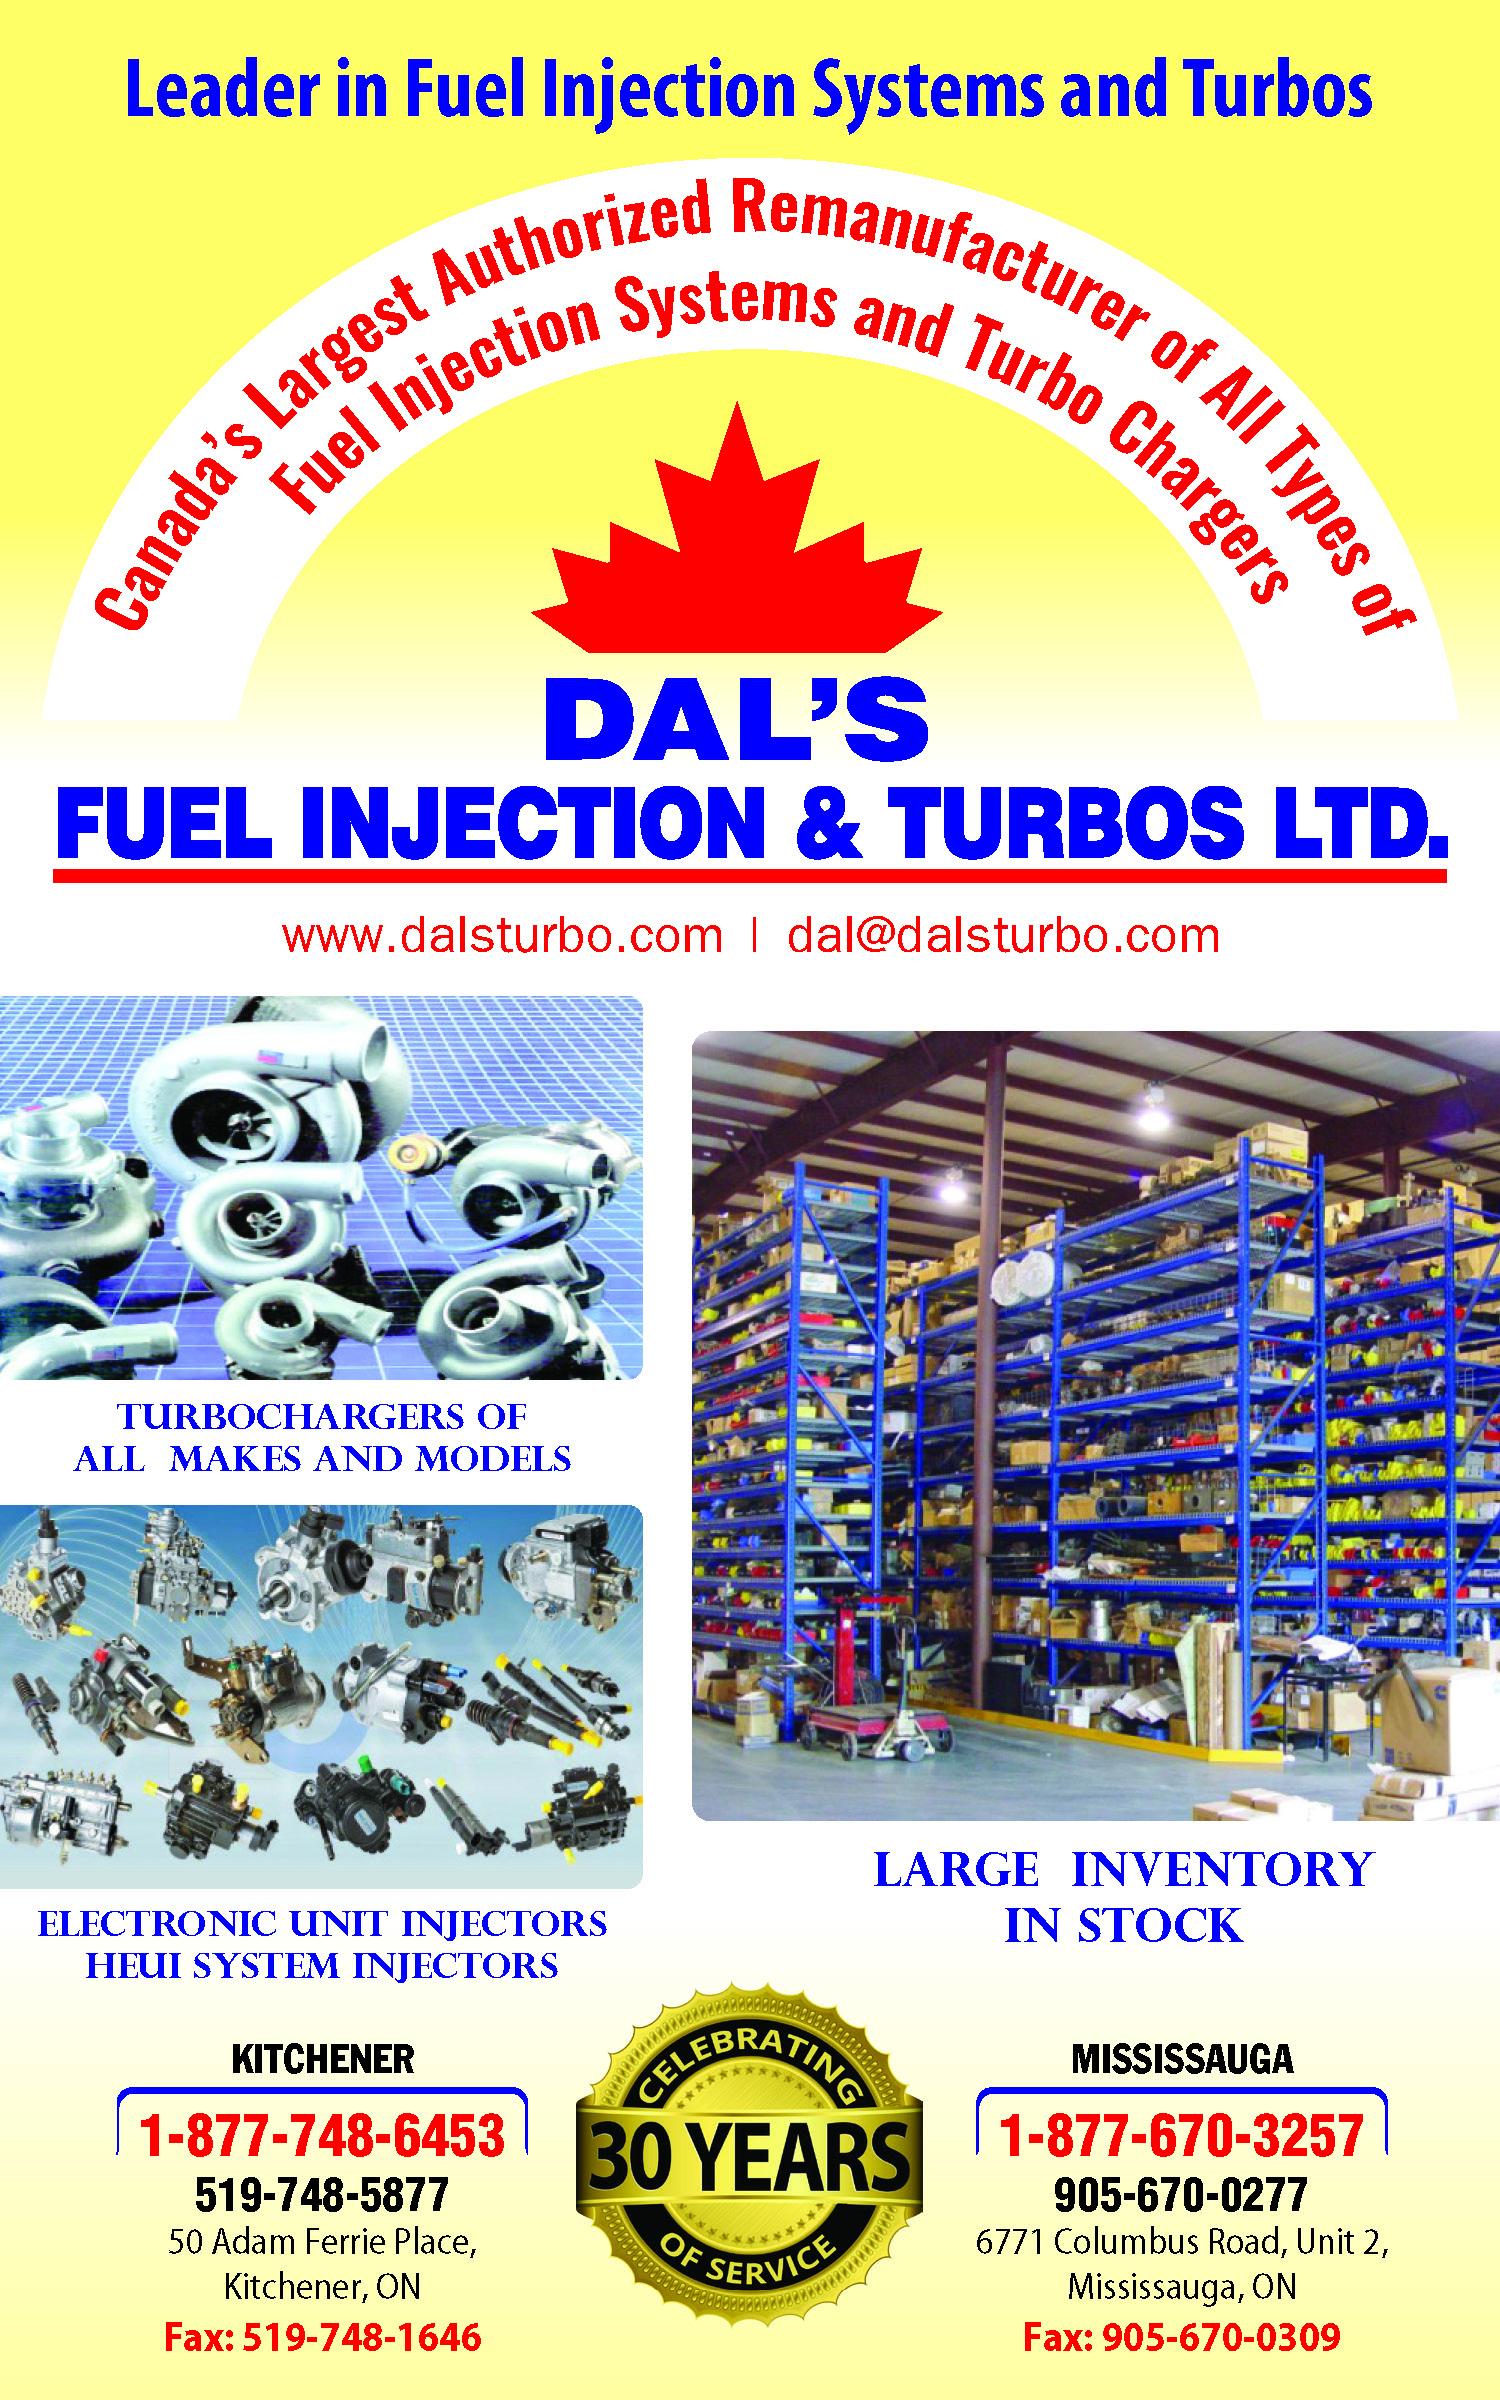 dals-fuel-injection-turbos-ltd-2sKTAzV.jpeg